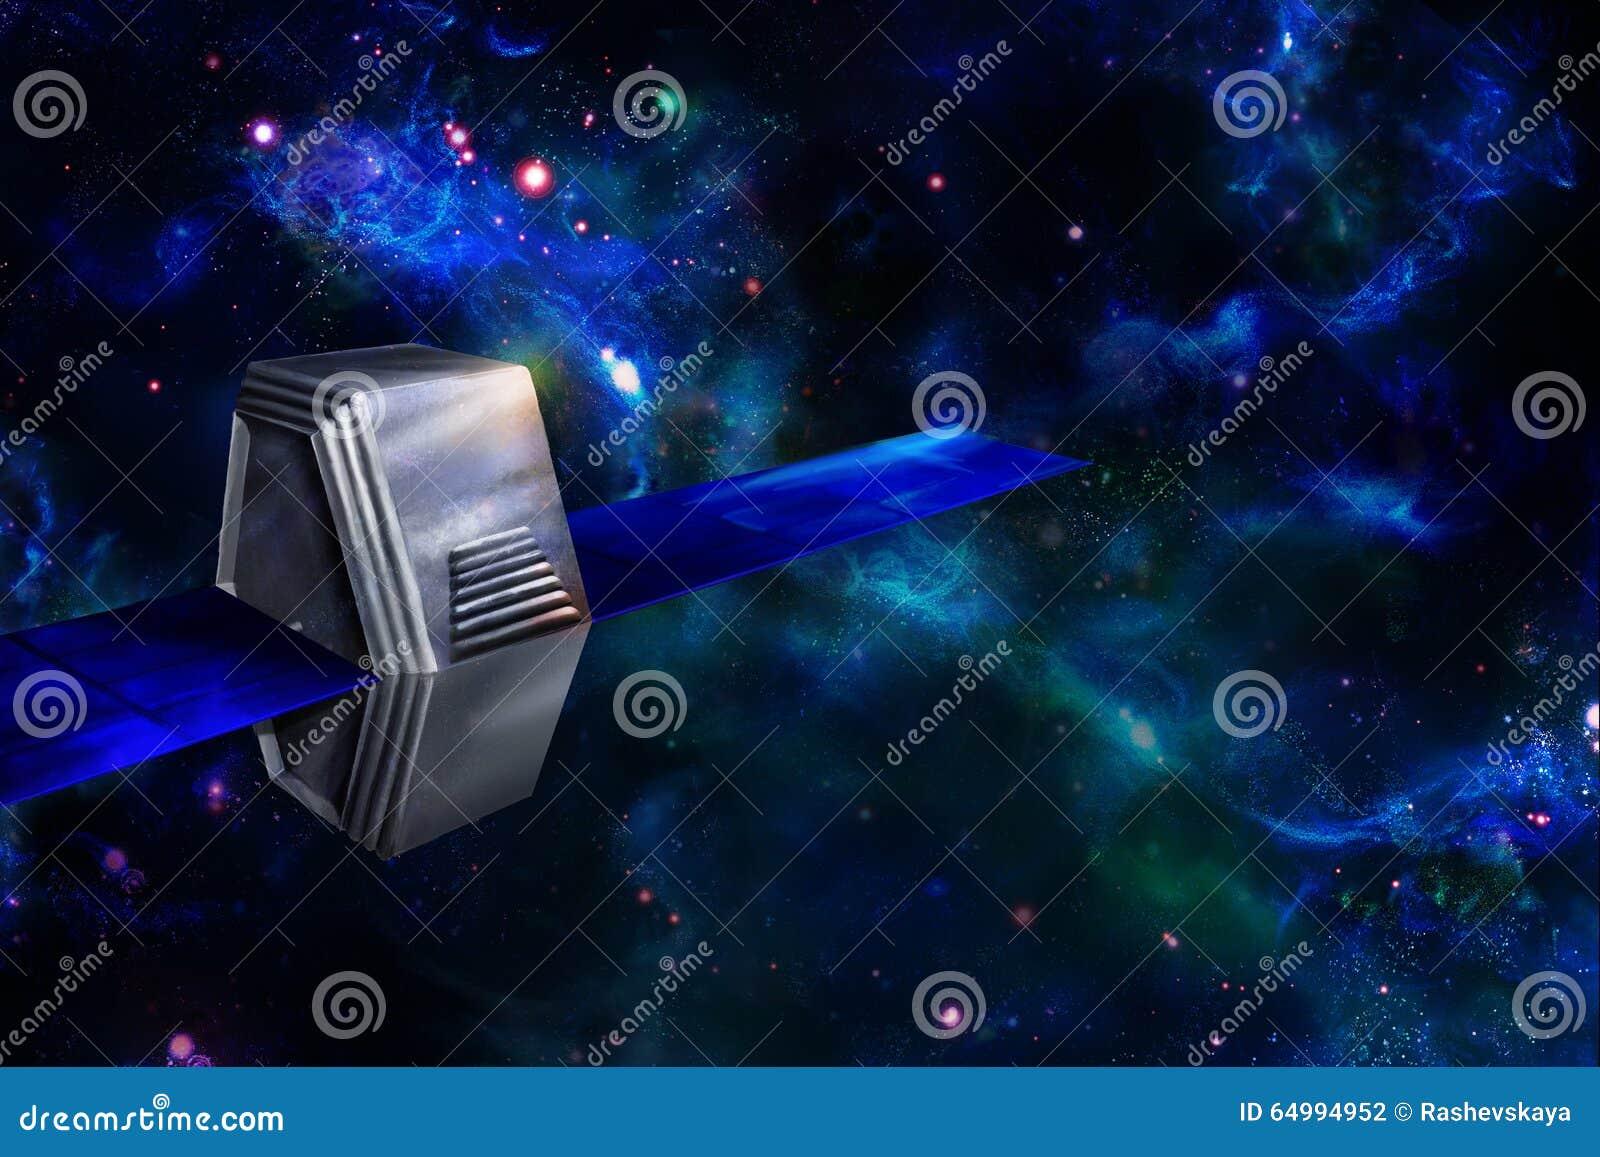 Kunstmatig satelliet of ruimtevaartuig in ruimte